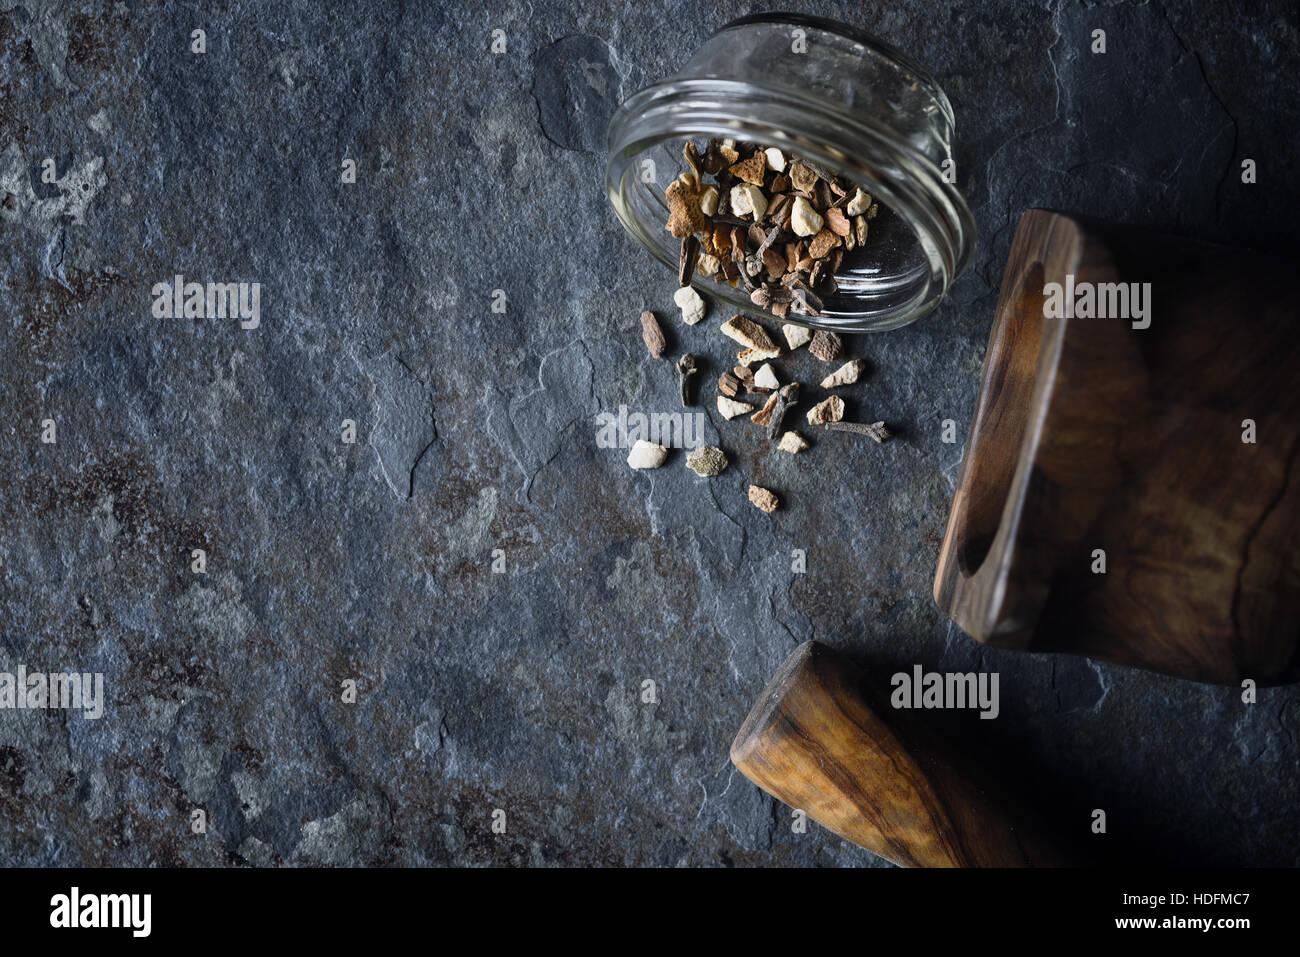 Mezcla de especias en el fondo de piedra vista superior Imagen De Stock